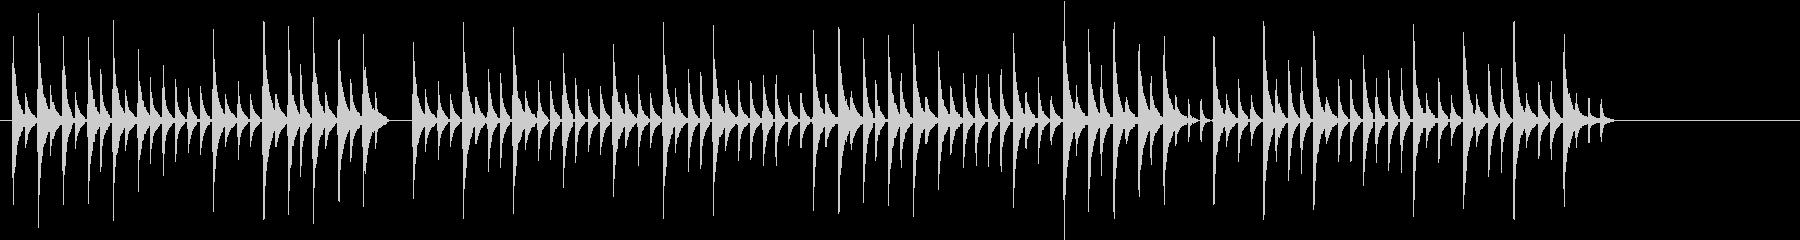 コミカルな電子音の短いジングルの未再生の波形